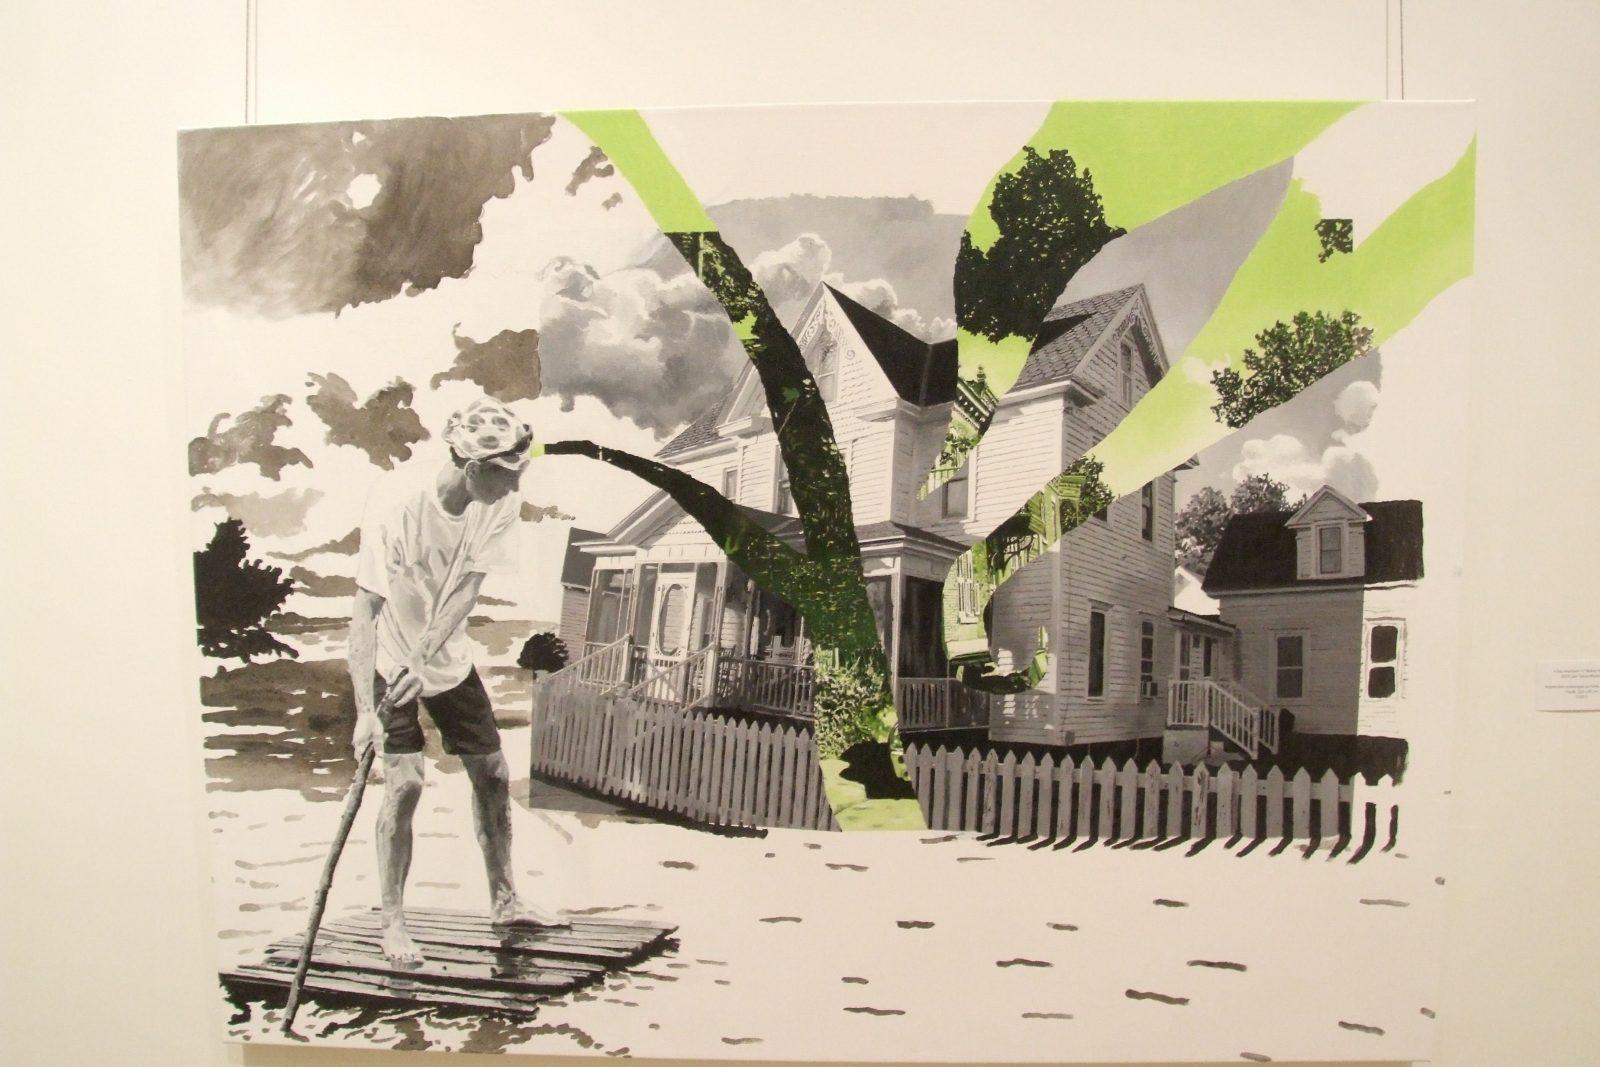 L'artiste québécoise Tanya Morand jette un regard contemporain sur le tissu urbain